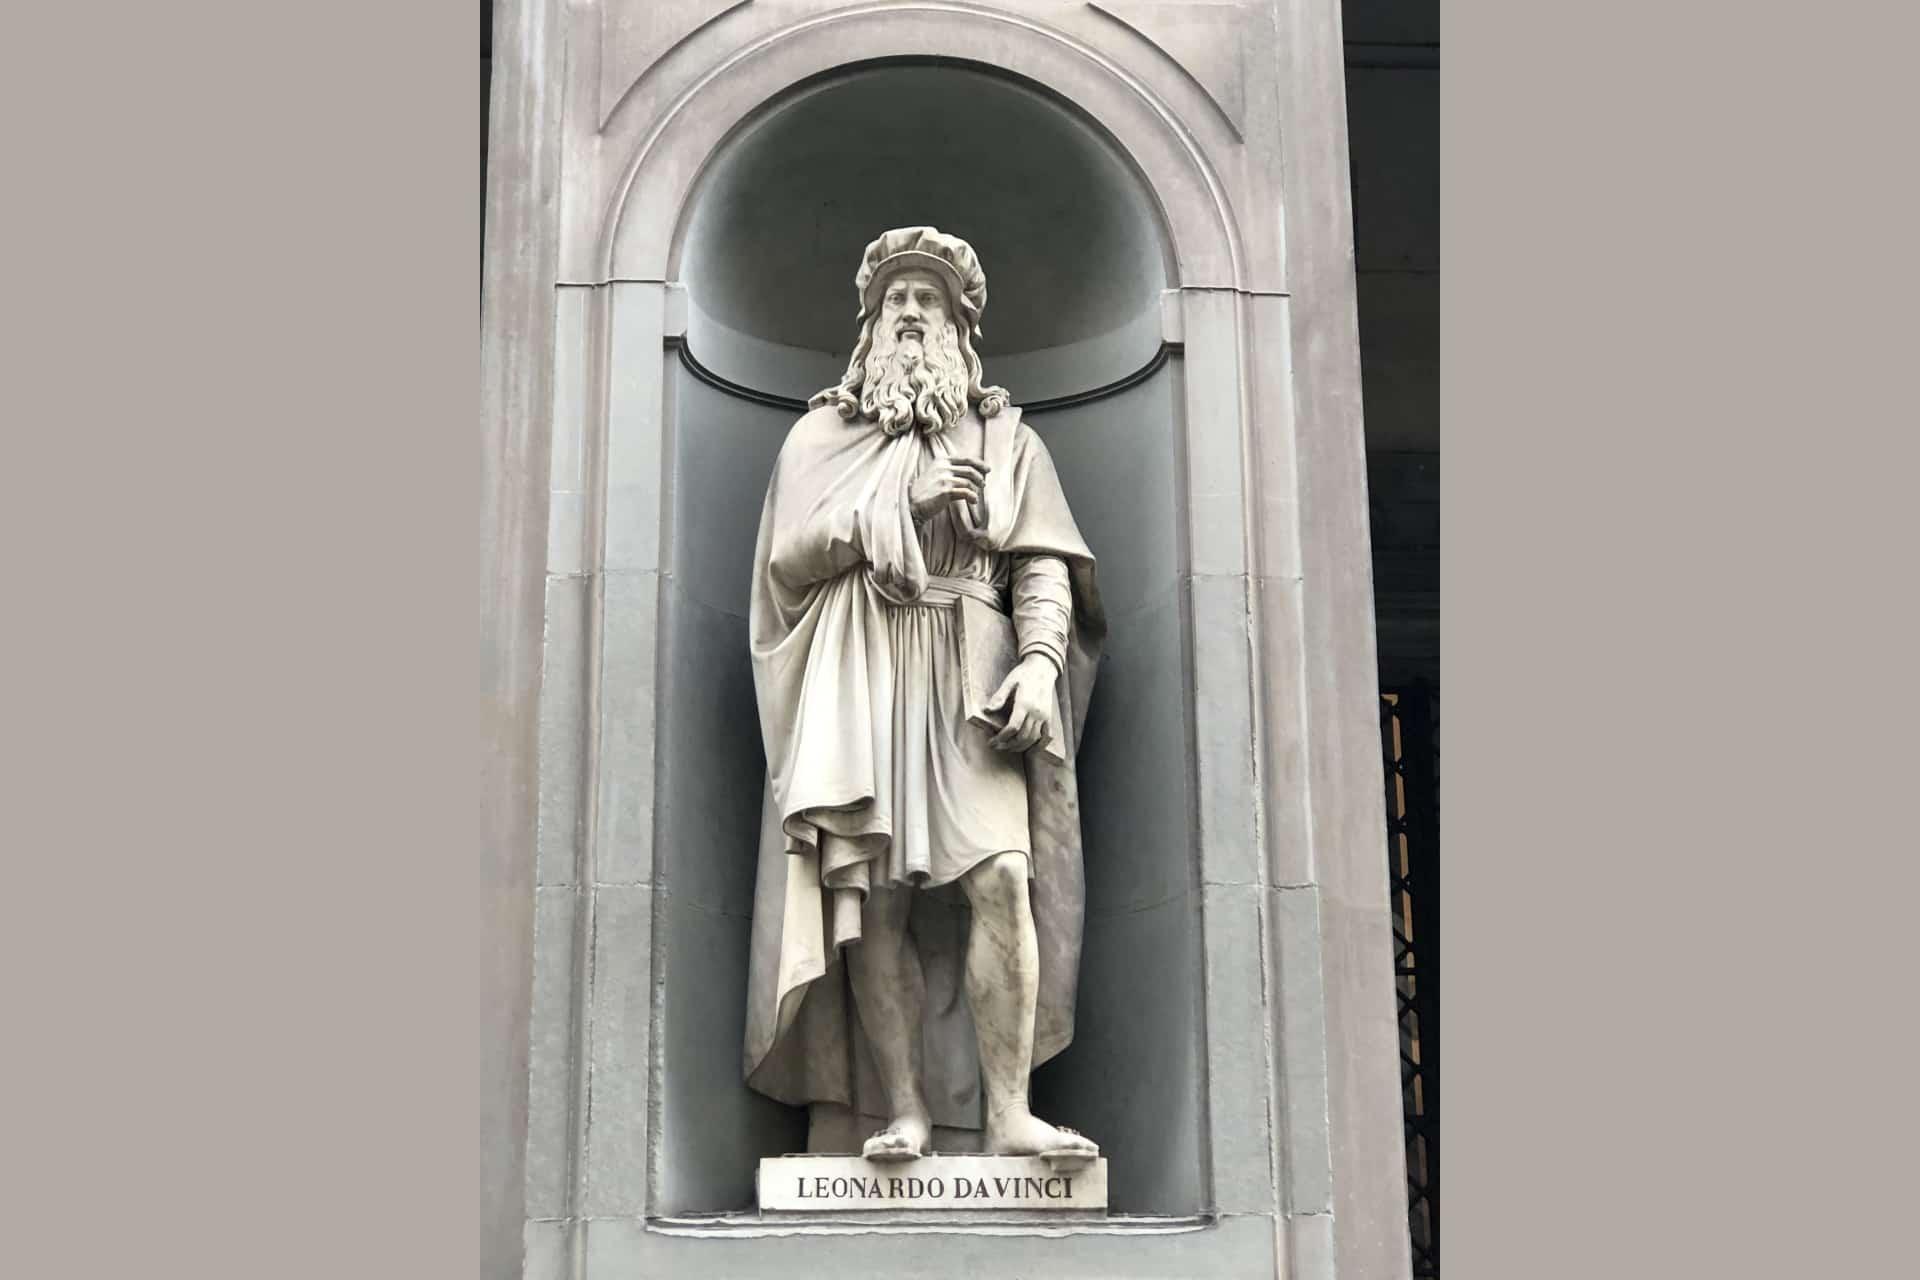 Statua di leonardo da Vinci nel loggiato degli Uffizi a Firenze